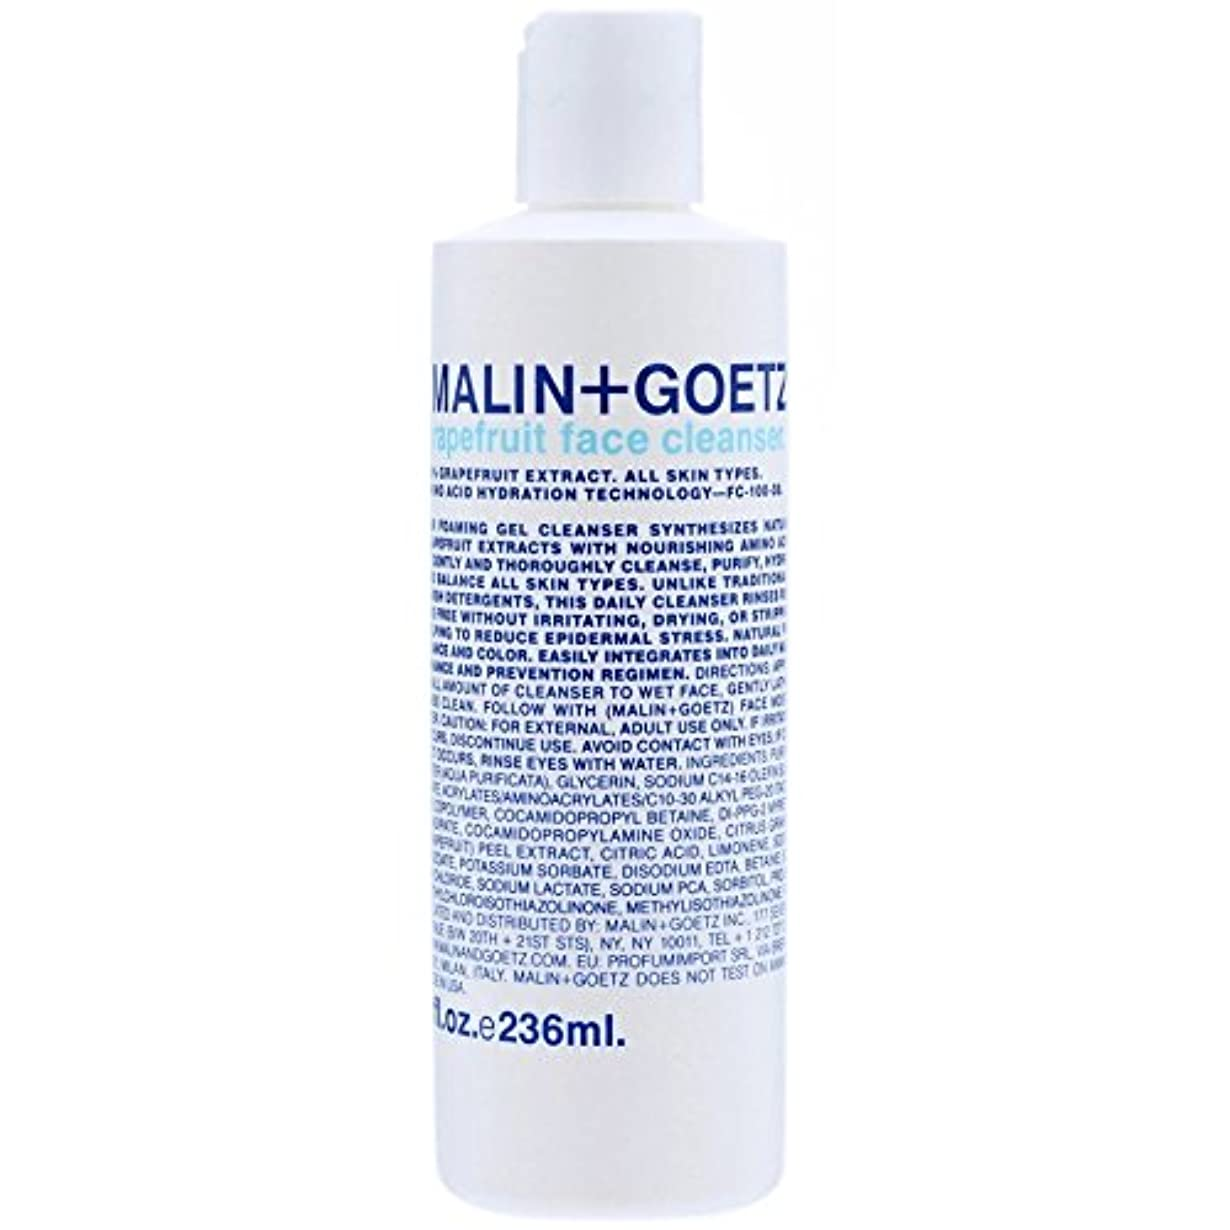 層贈り物状マリン+ゲッツグレープフルーツフェイスクレンザー x4 - MALIN+GOETZ Grapefruit Face Cleanser (Pack of 4) [並行輸入品]